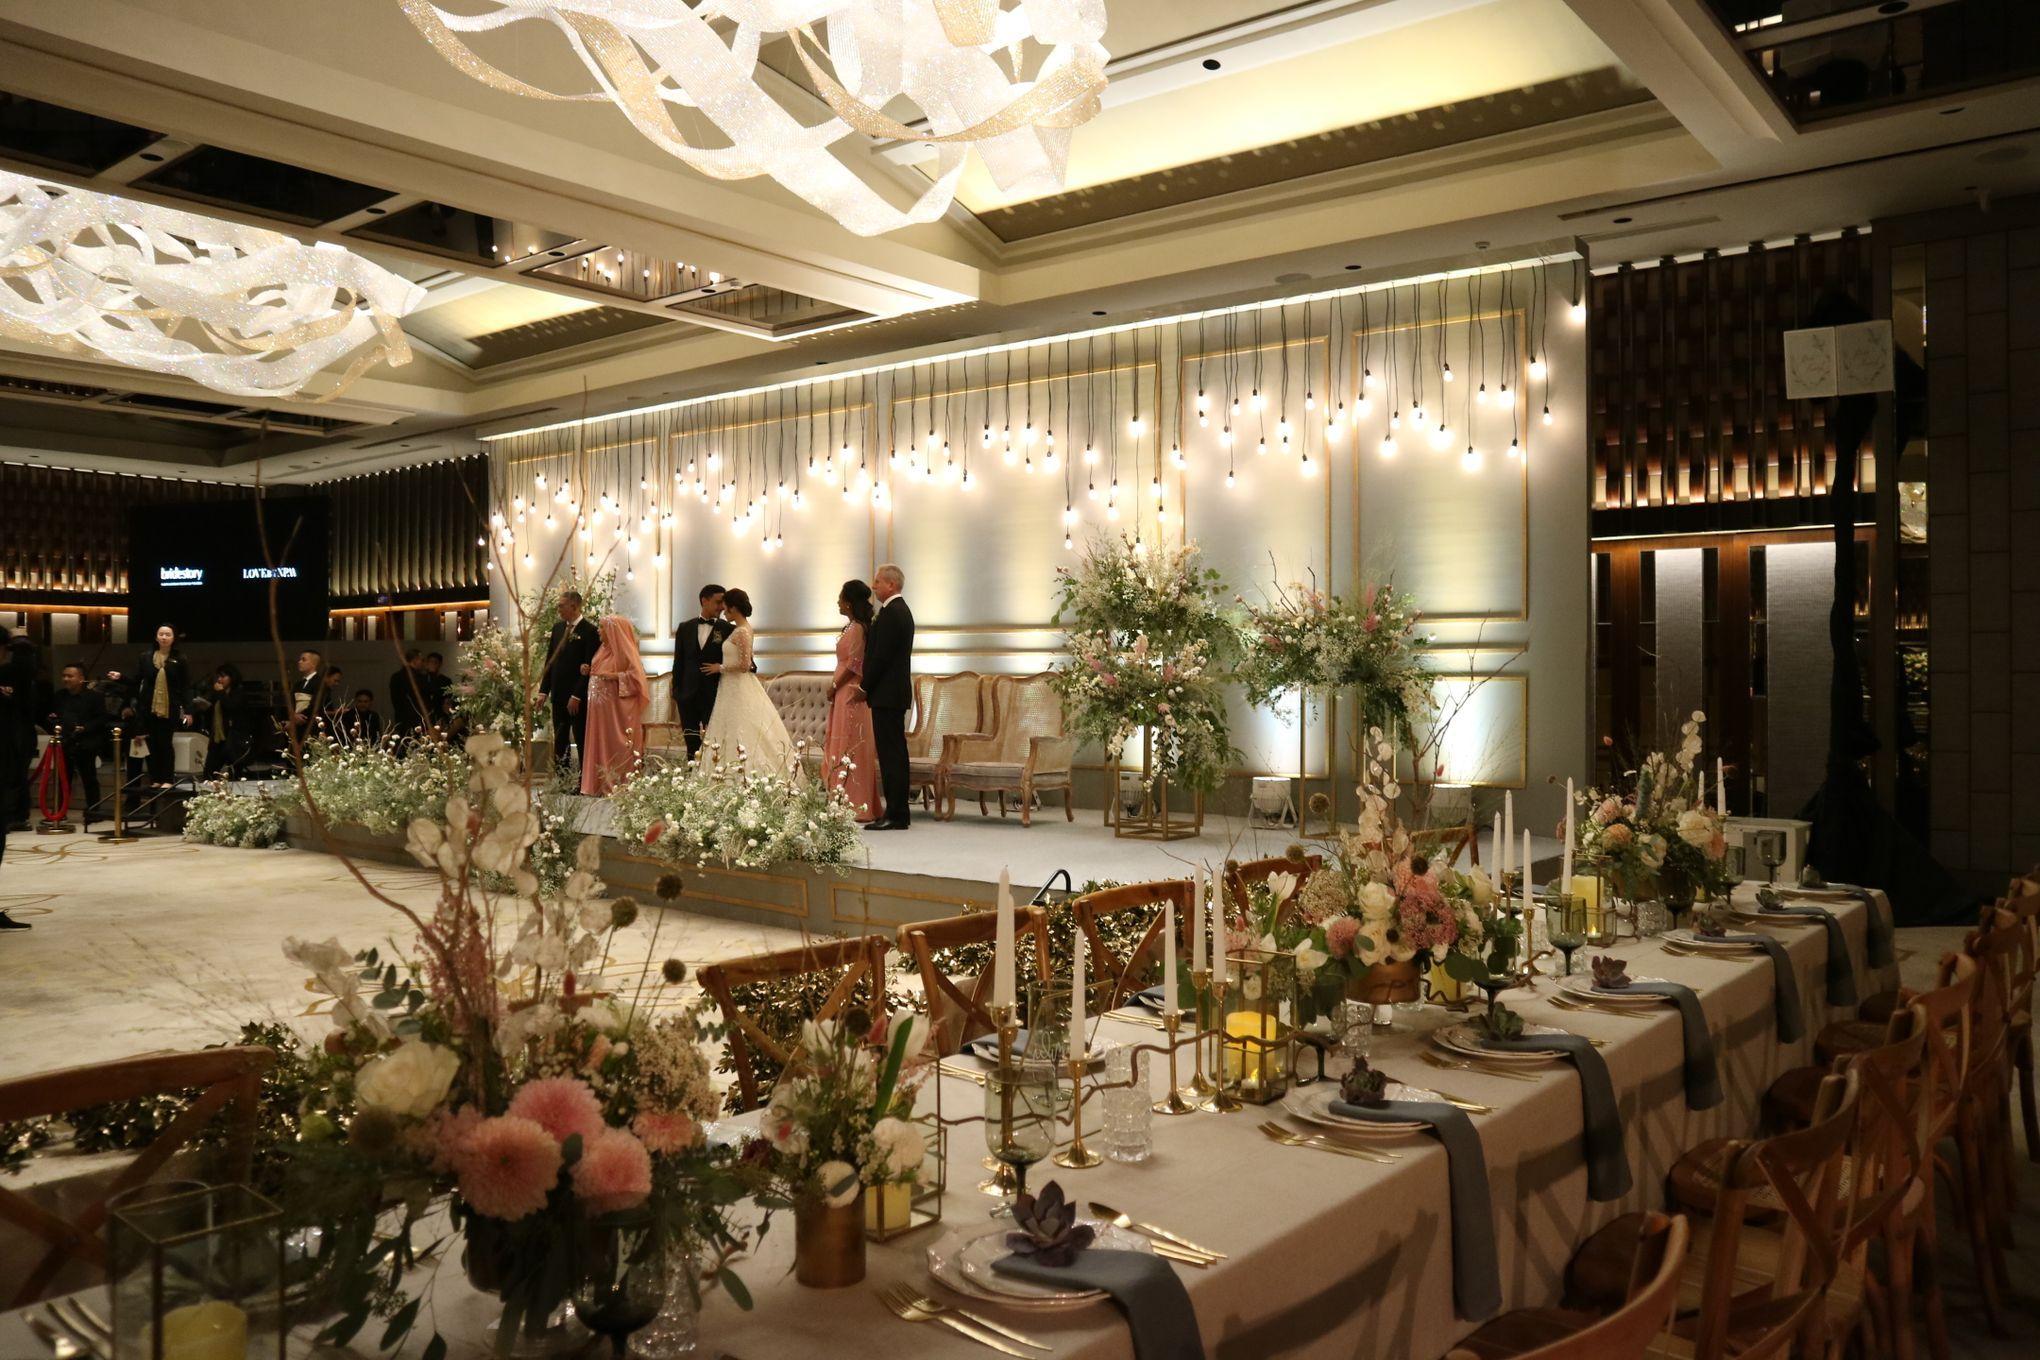 Dekorasi Ruang Makan Pernikahan